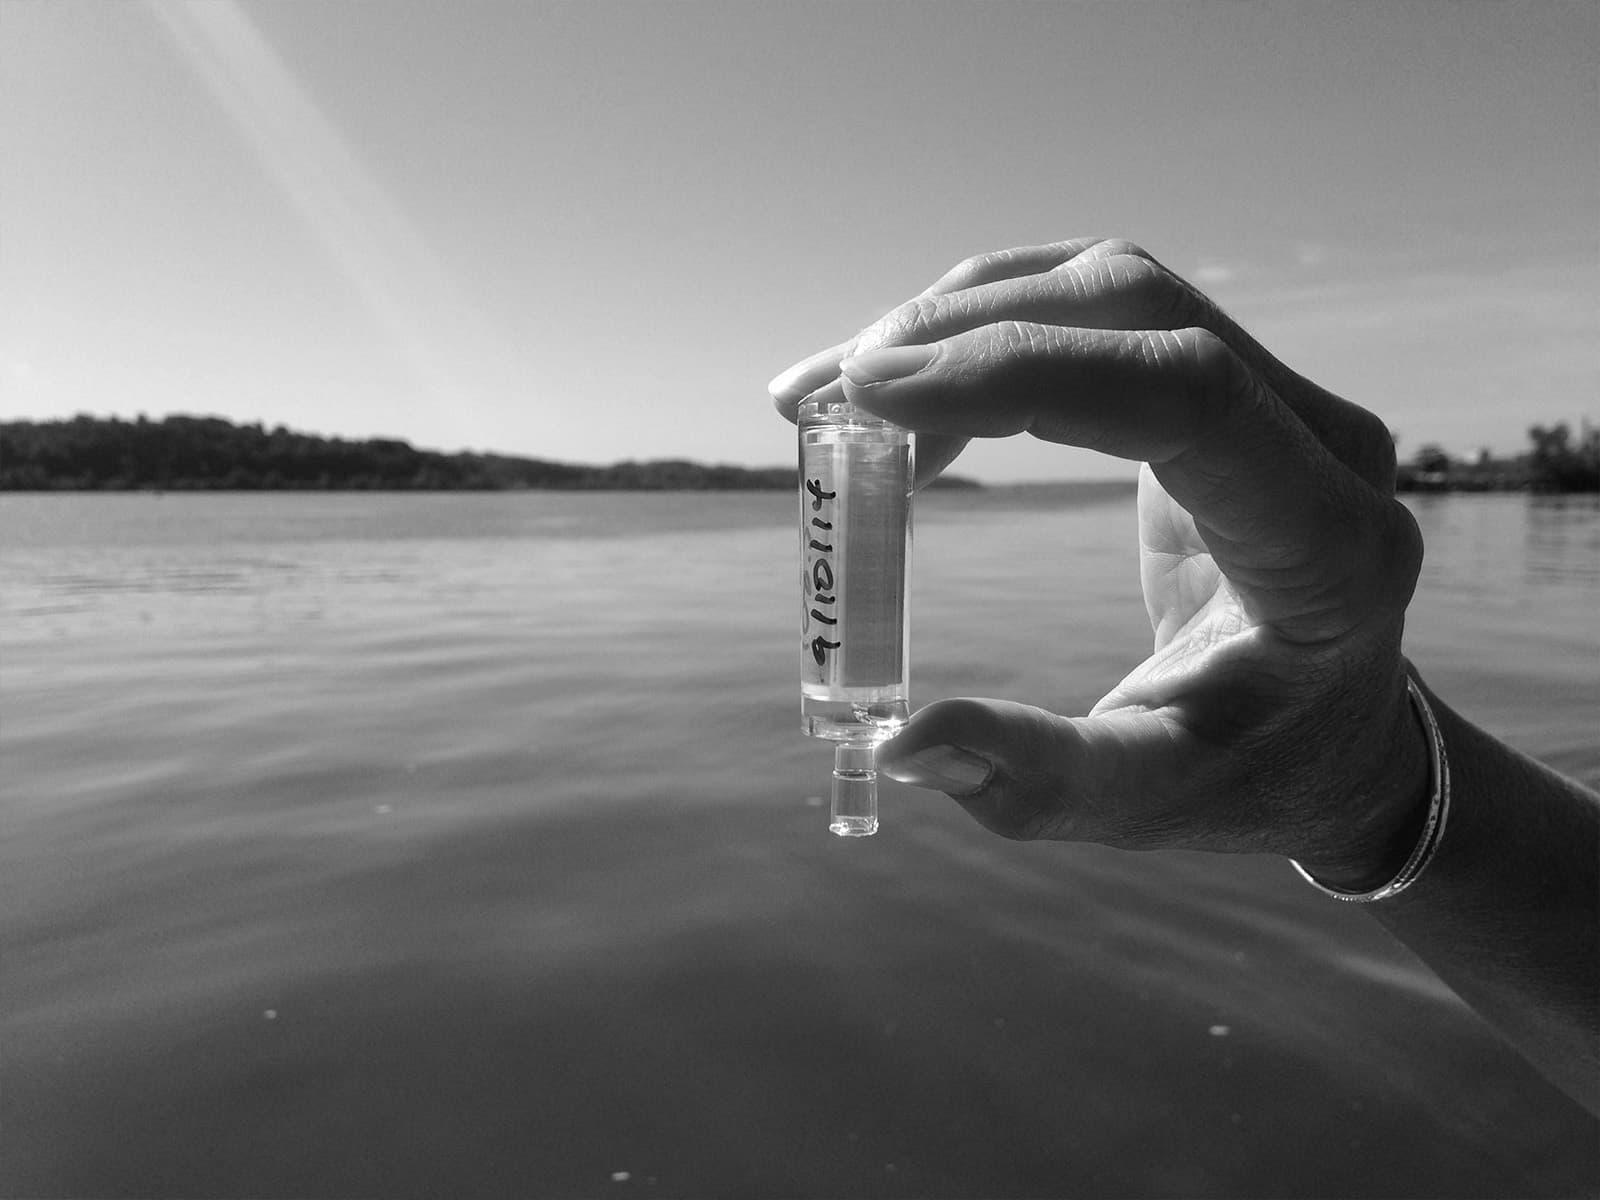 بين الماء والسّماء: النفايات البلاستيكية